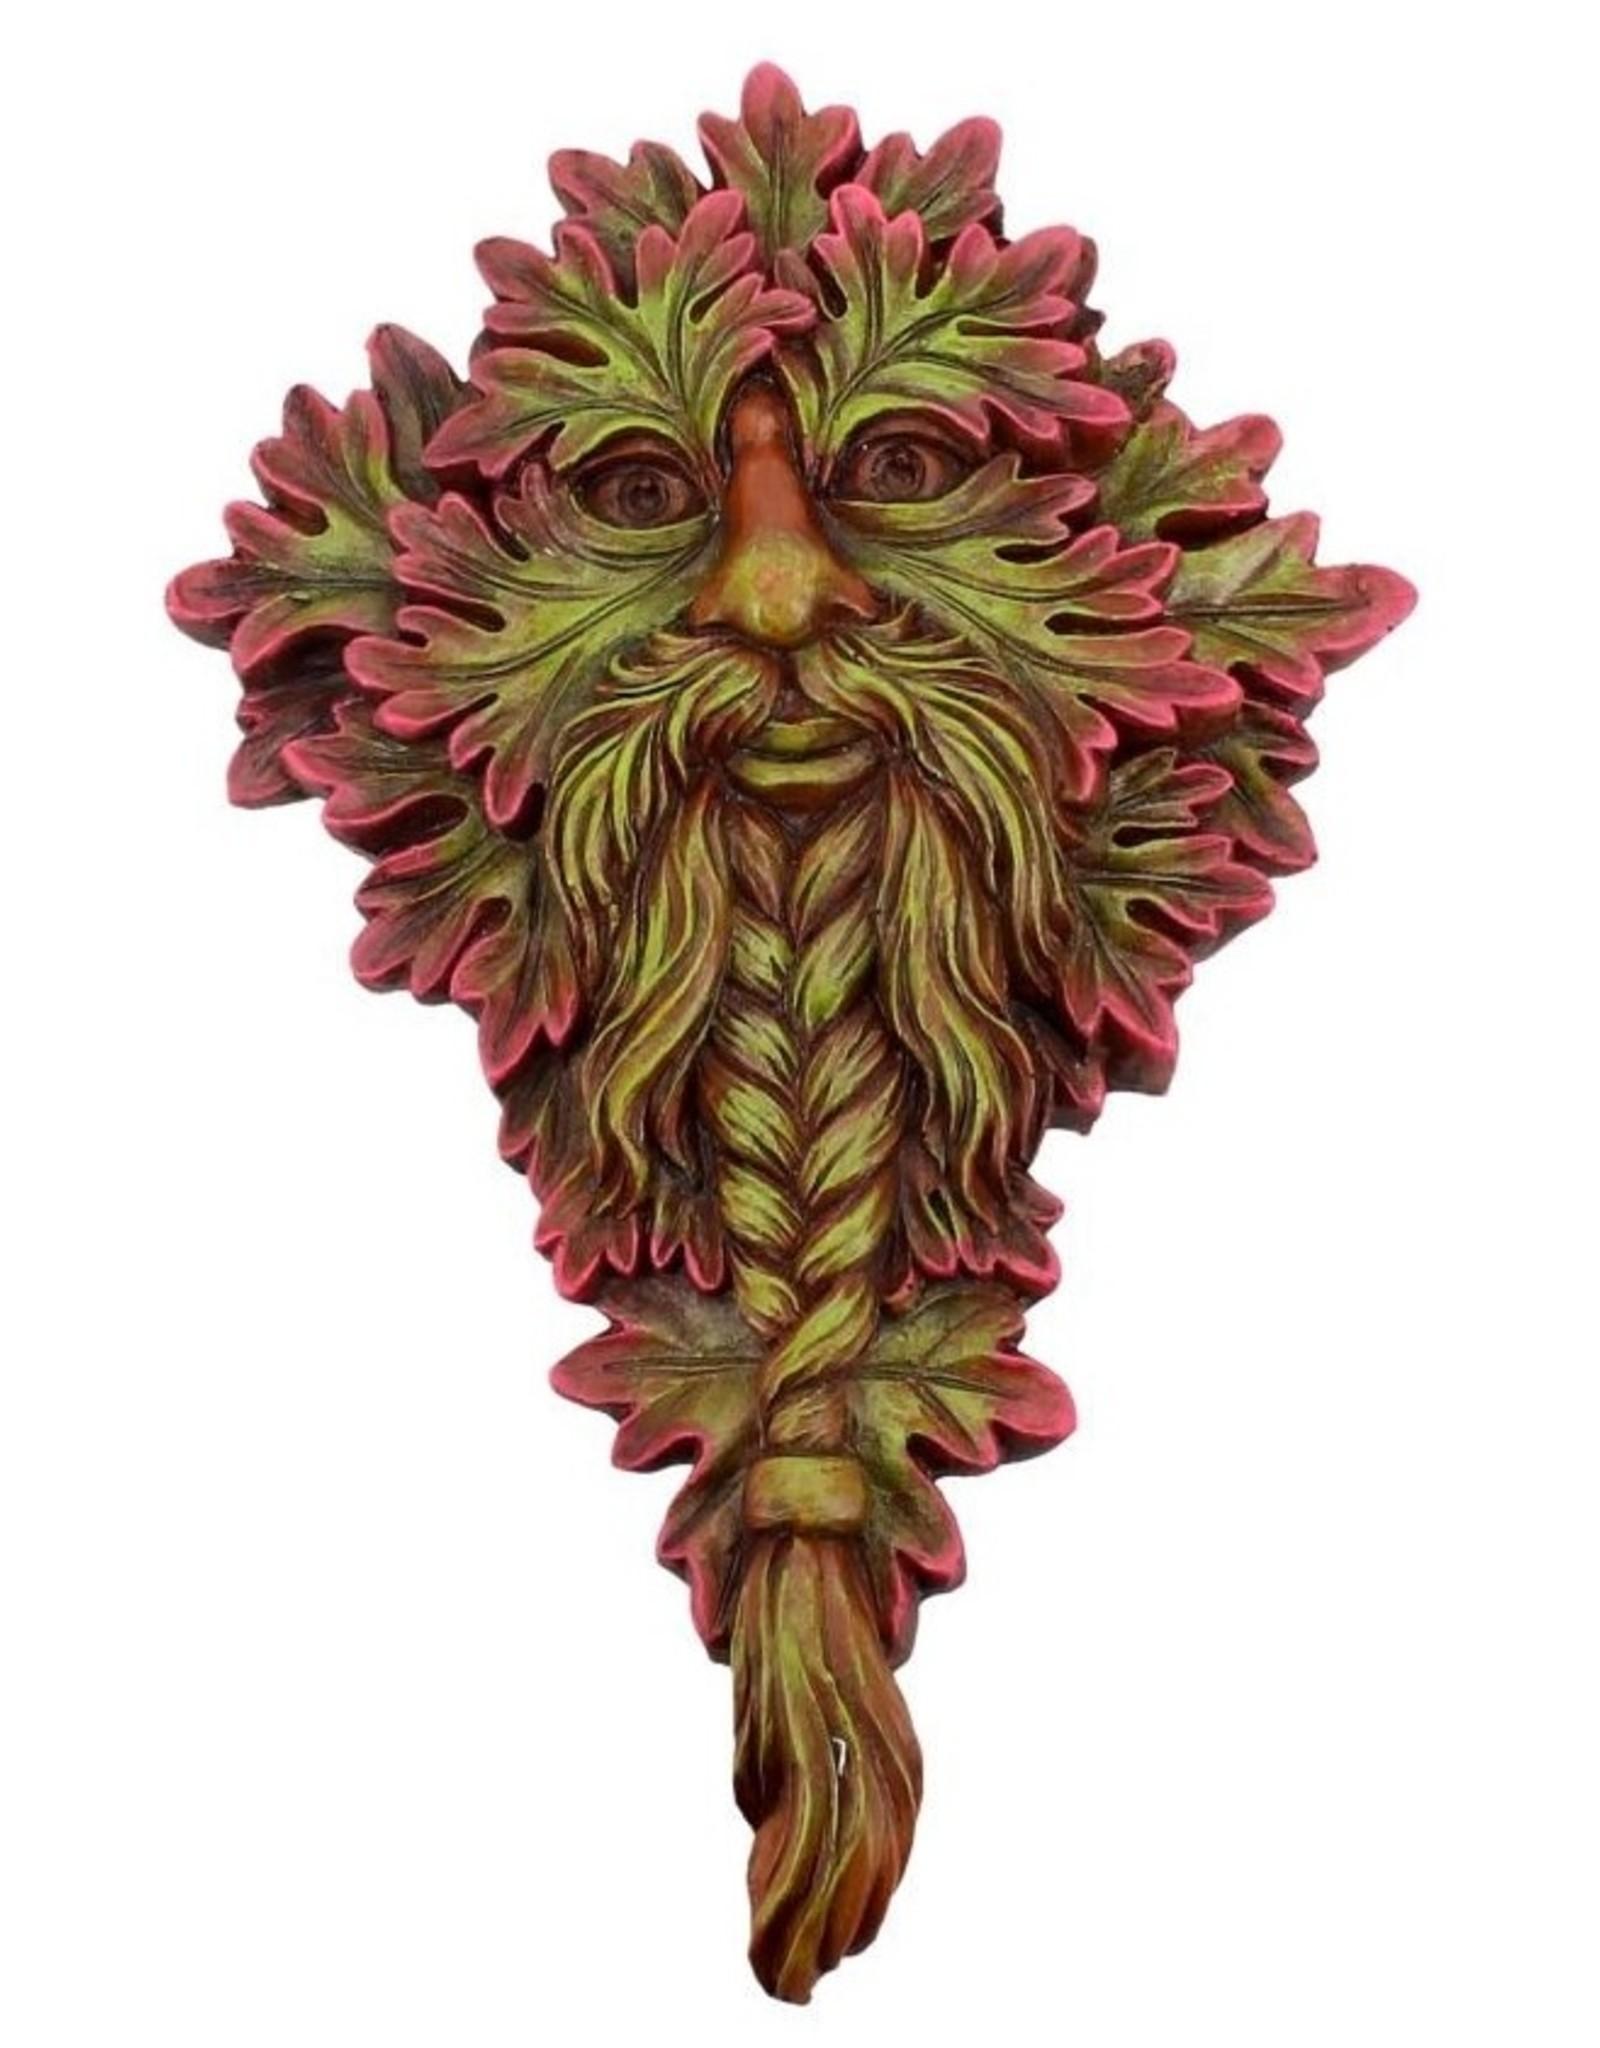 geen Giftware, beelden, collectables - Tree spirit Mabon Wisdom Nemesis Now